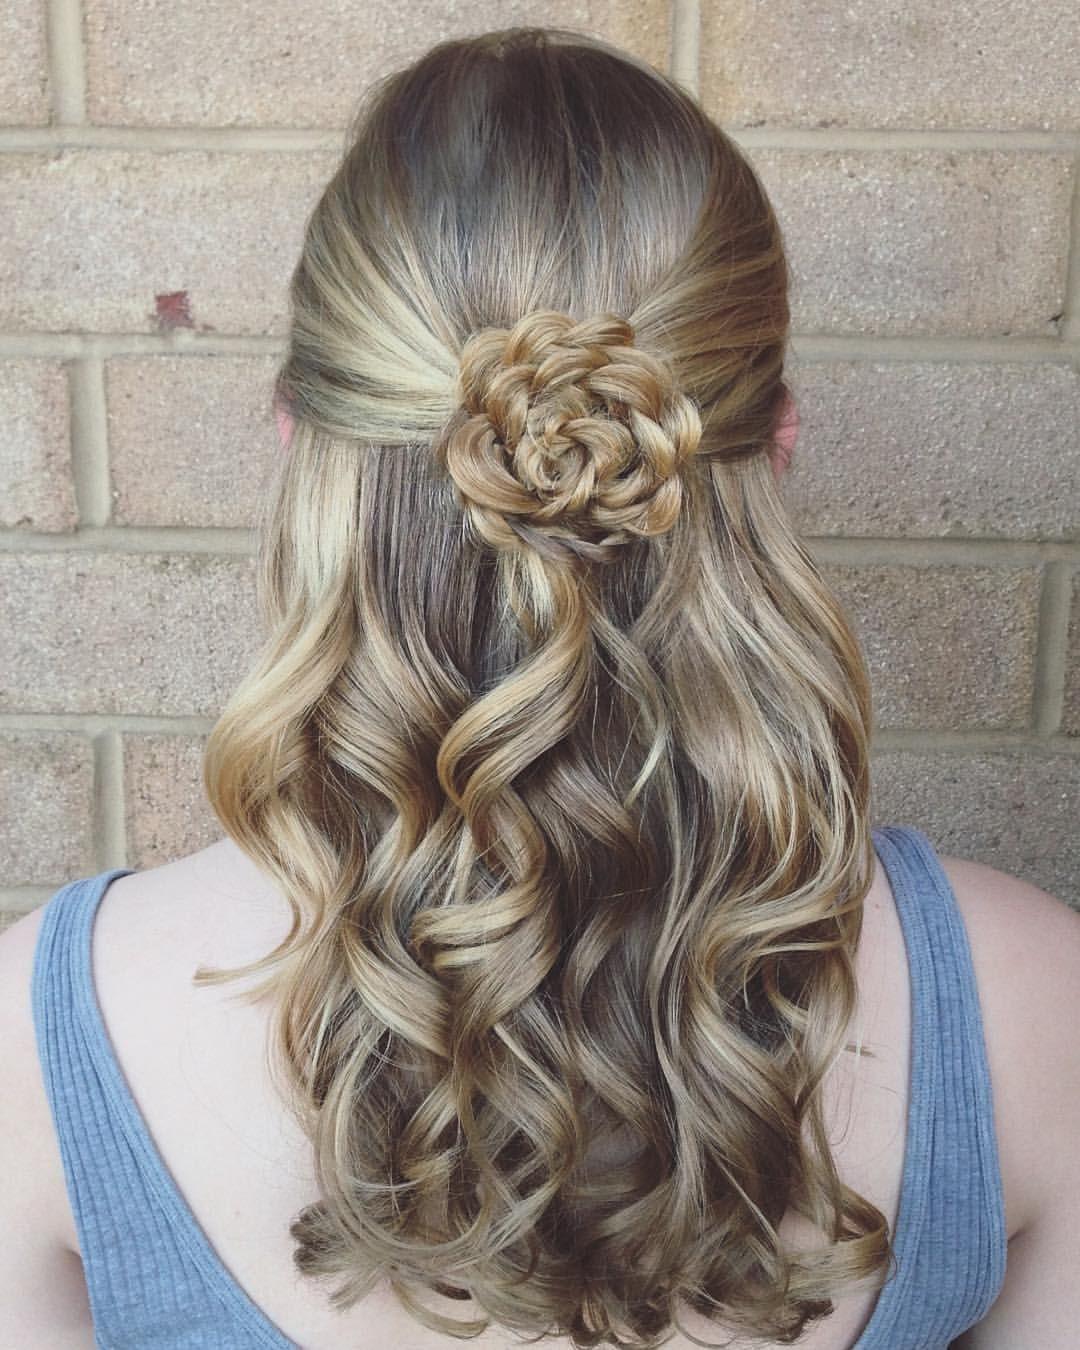 Abigail Rose on Instagram: Those curls + a flower braid ...